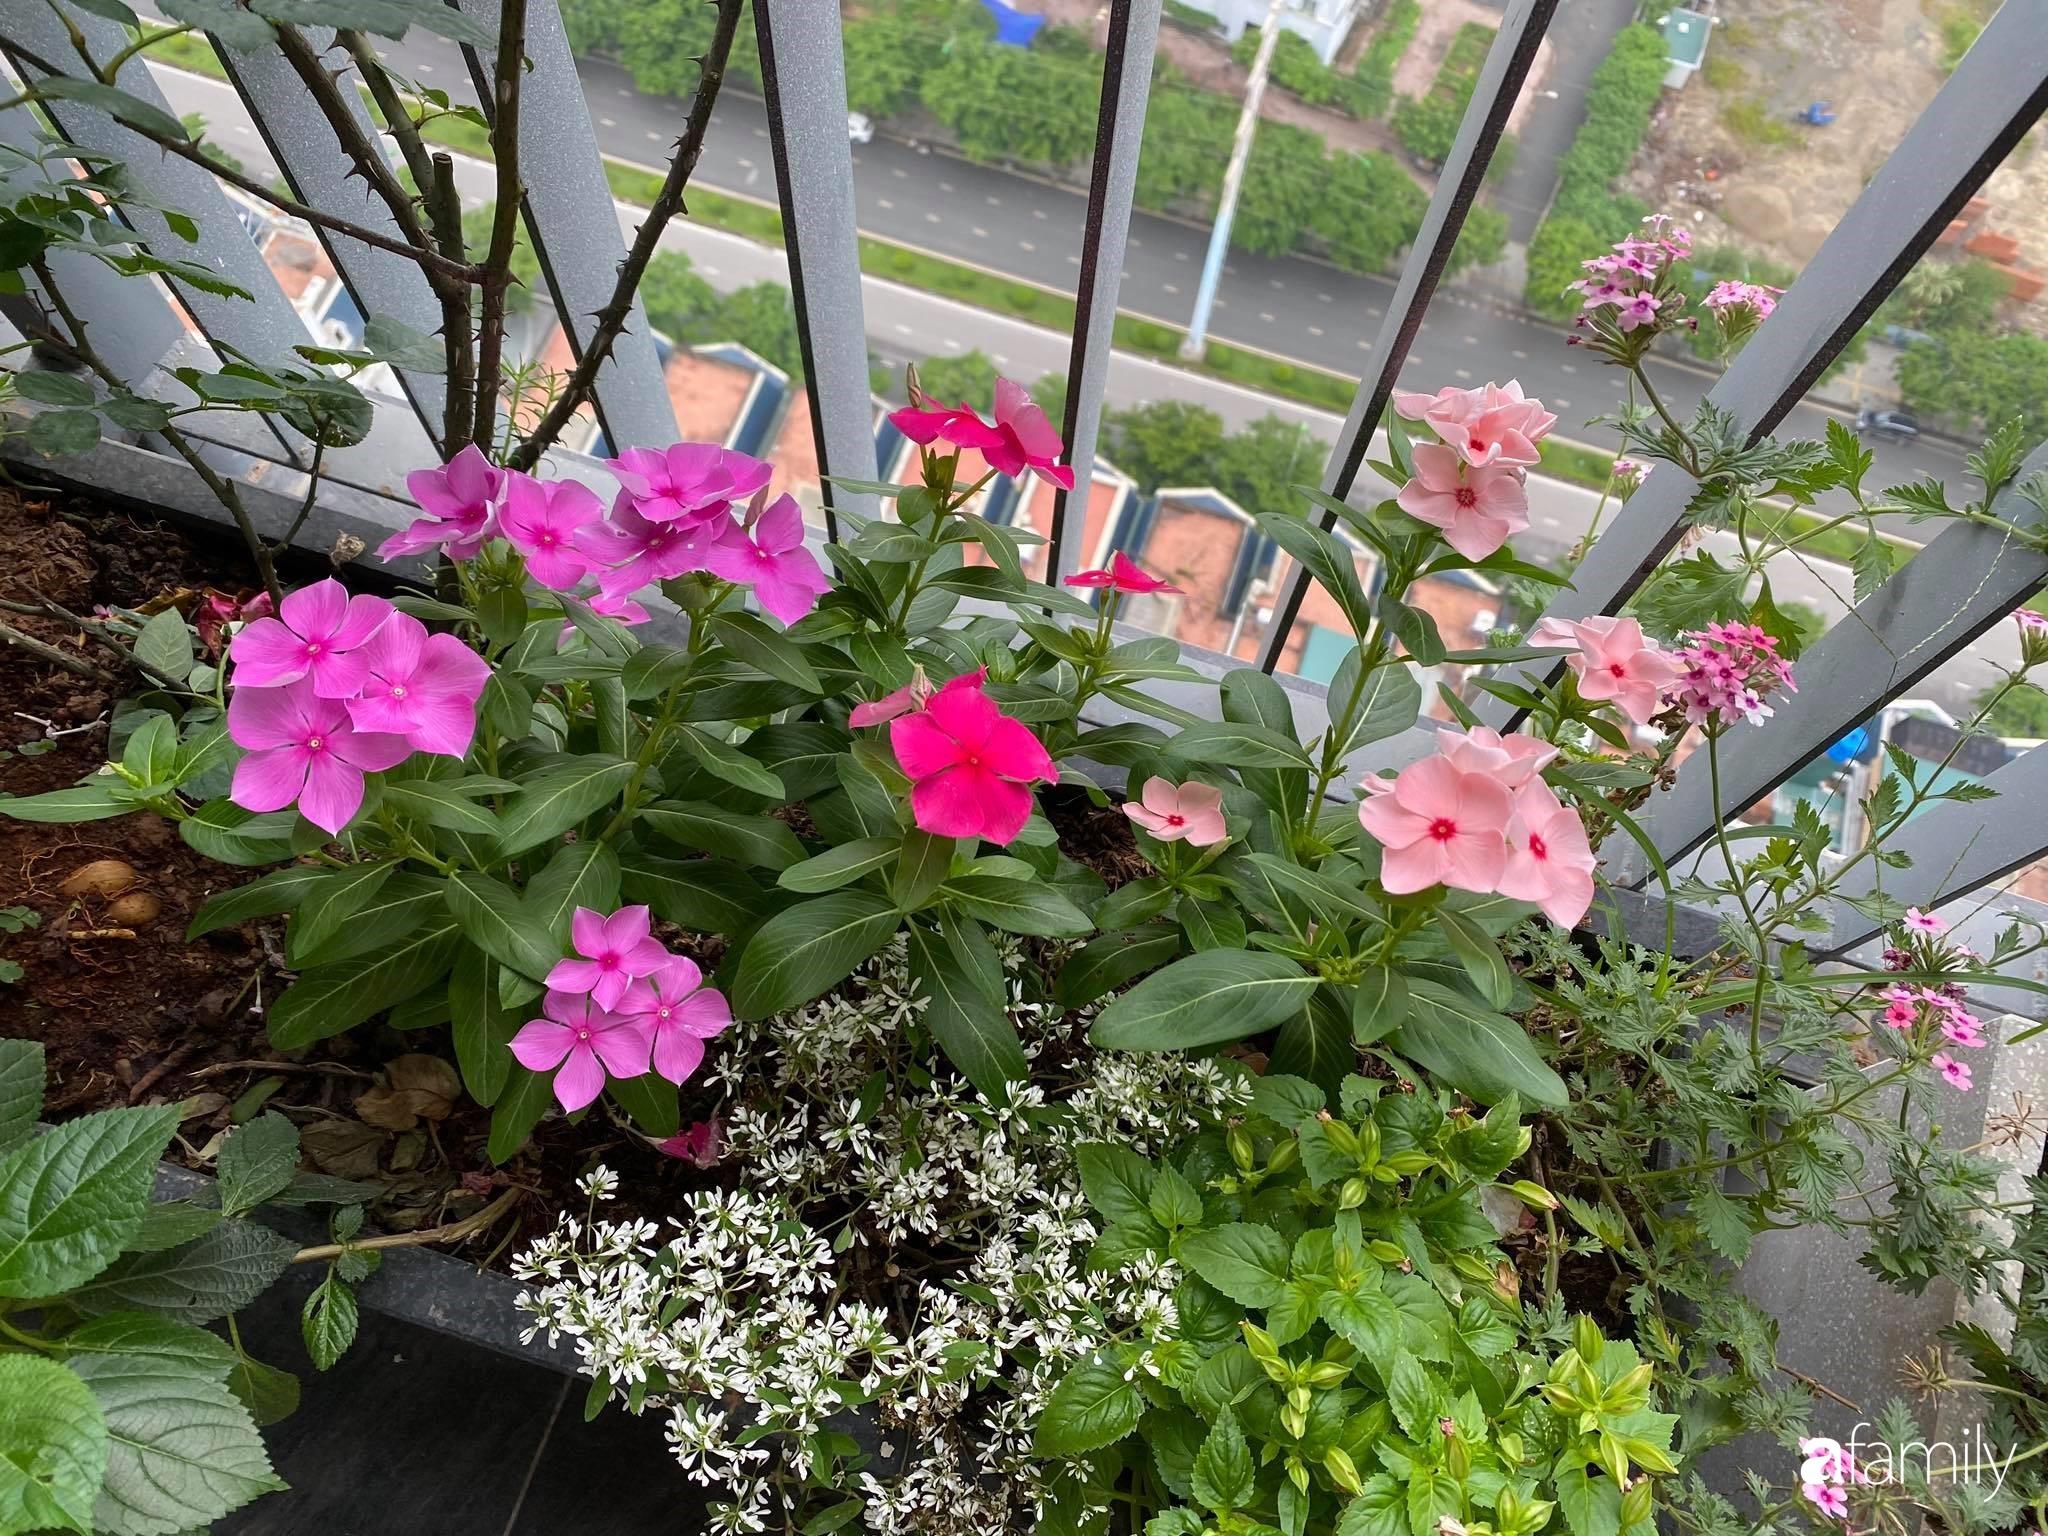 Ban công căn hộ thông tầng đẹp lãng mạn với cây và hoa ở Hà Nội - Ảnh 5.